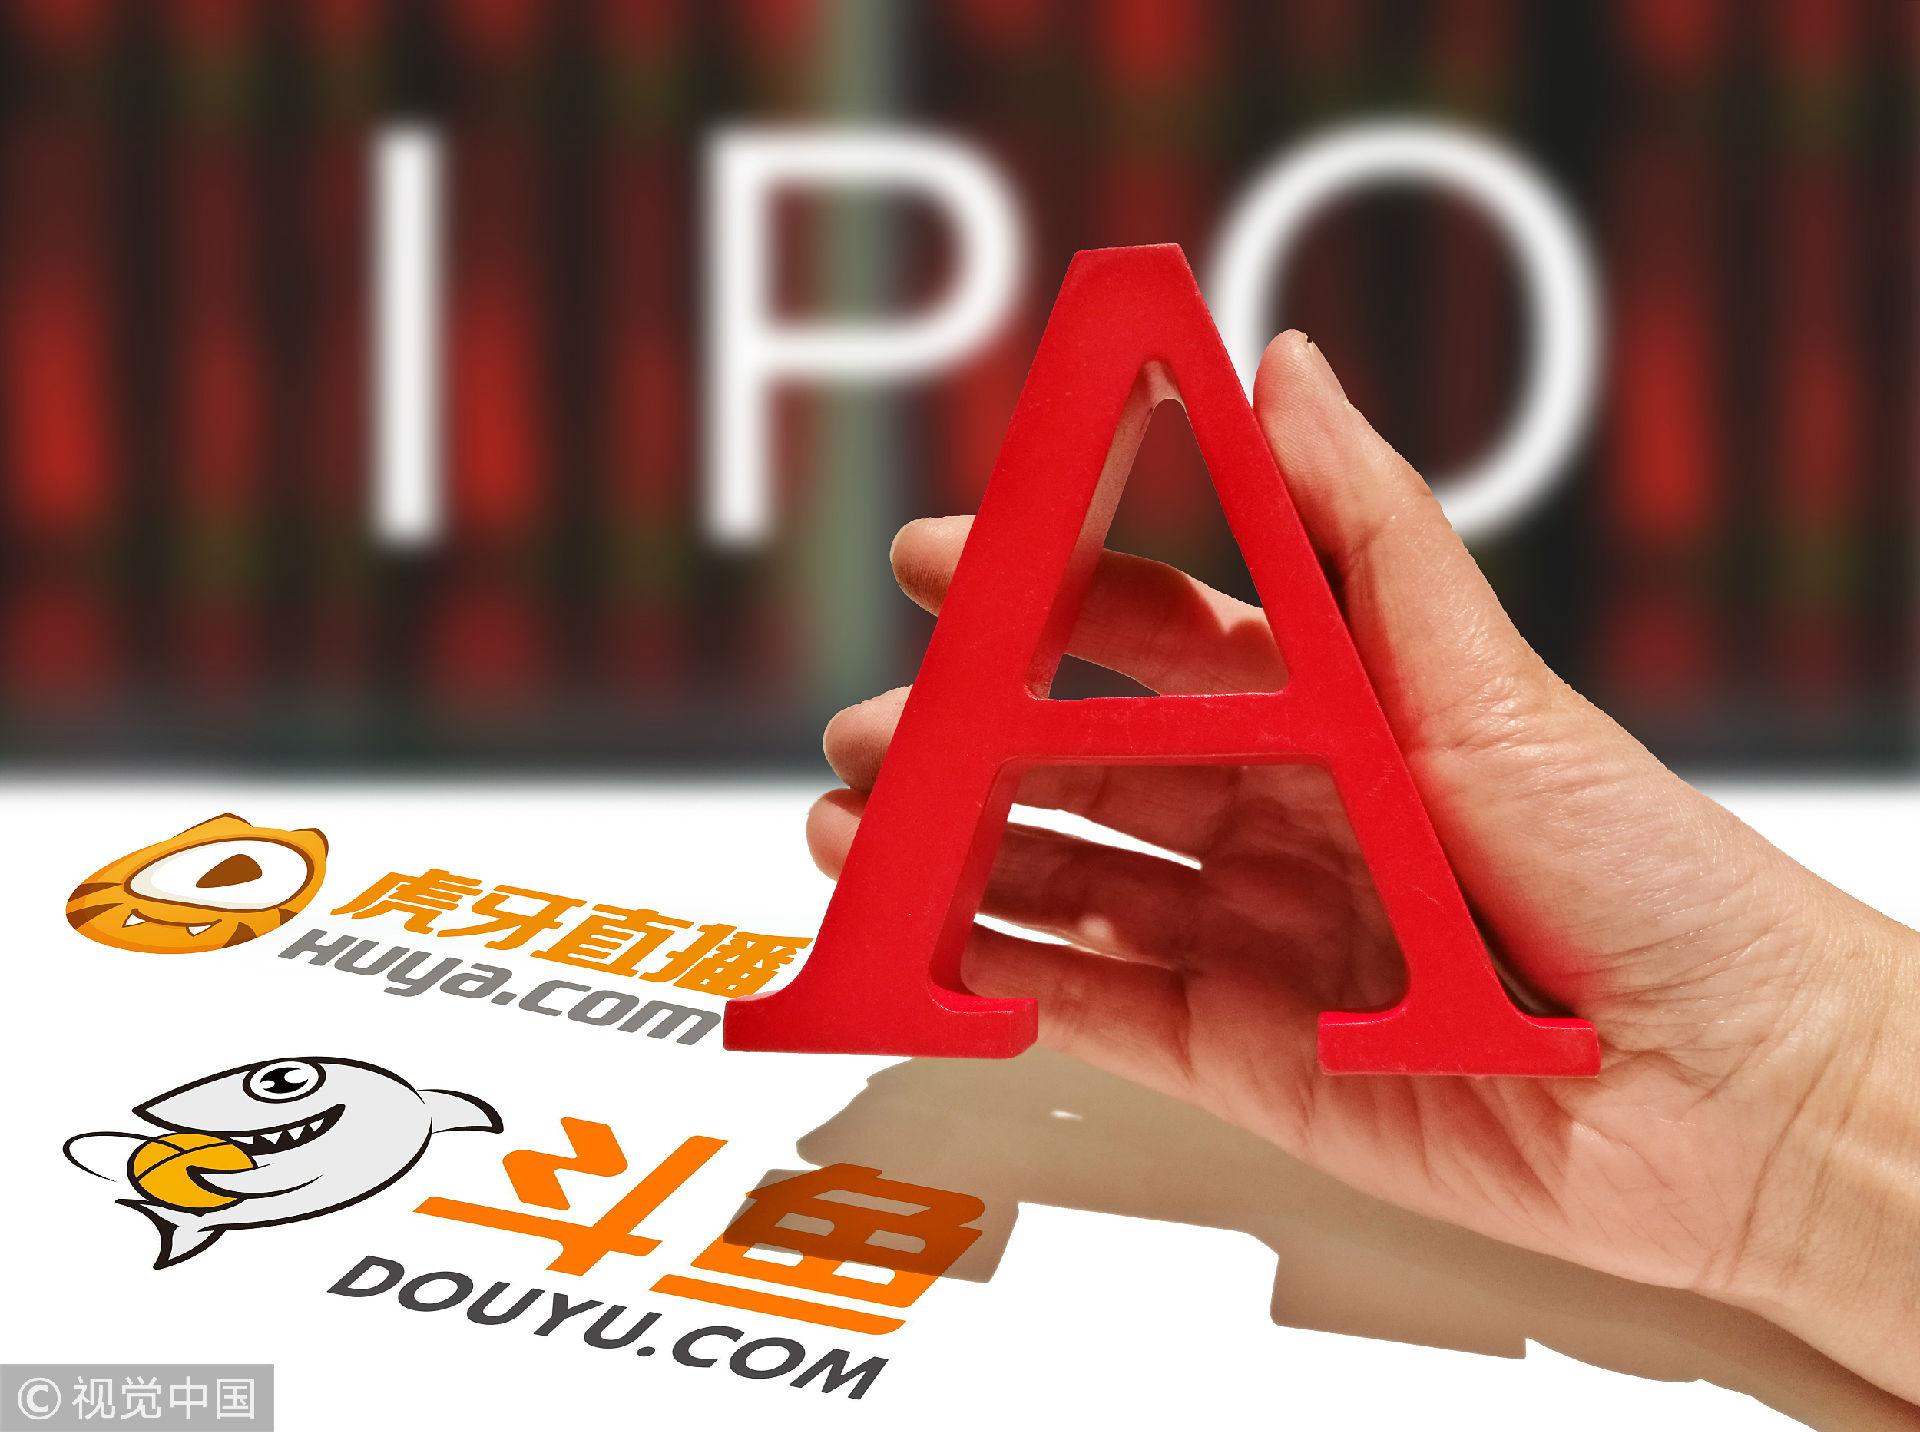 斗鱼惨遭下架,接下来的IPO之路或将更加曲折